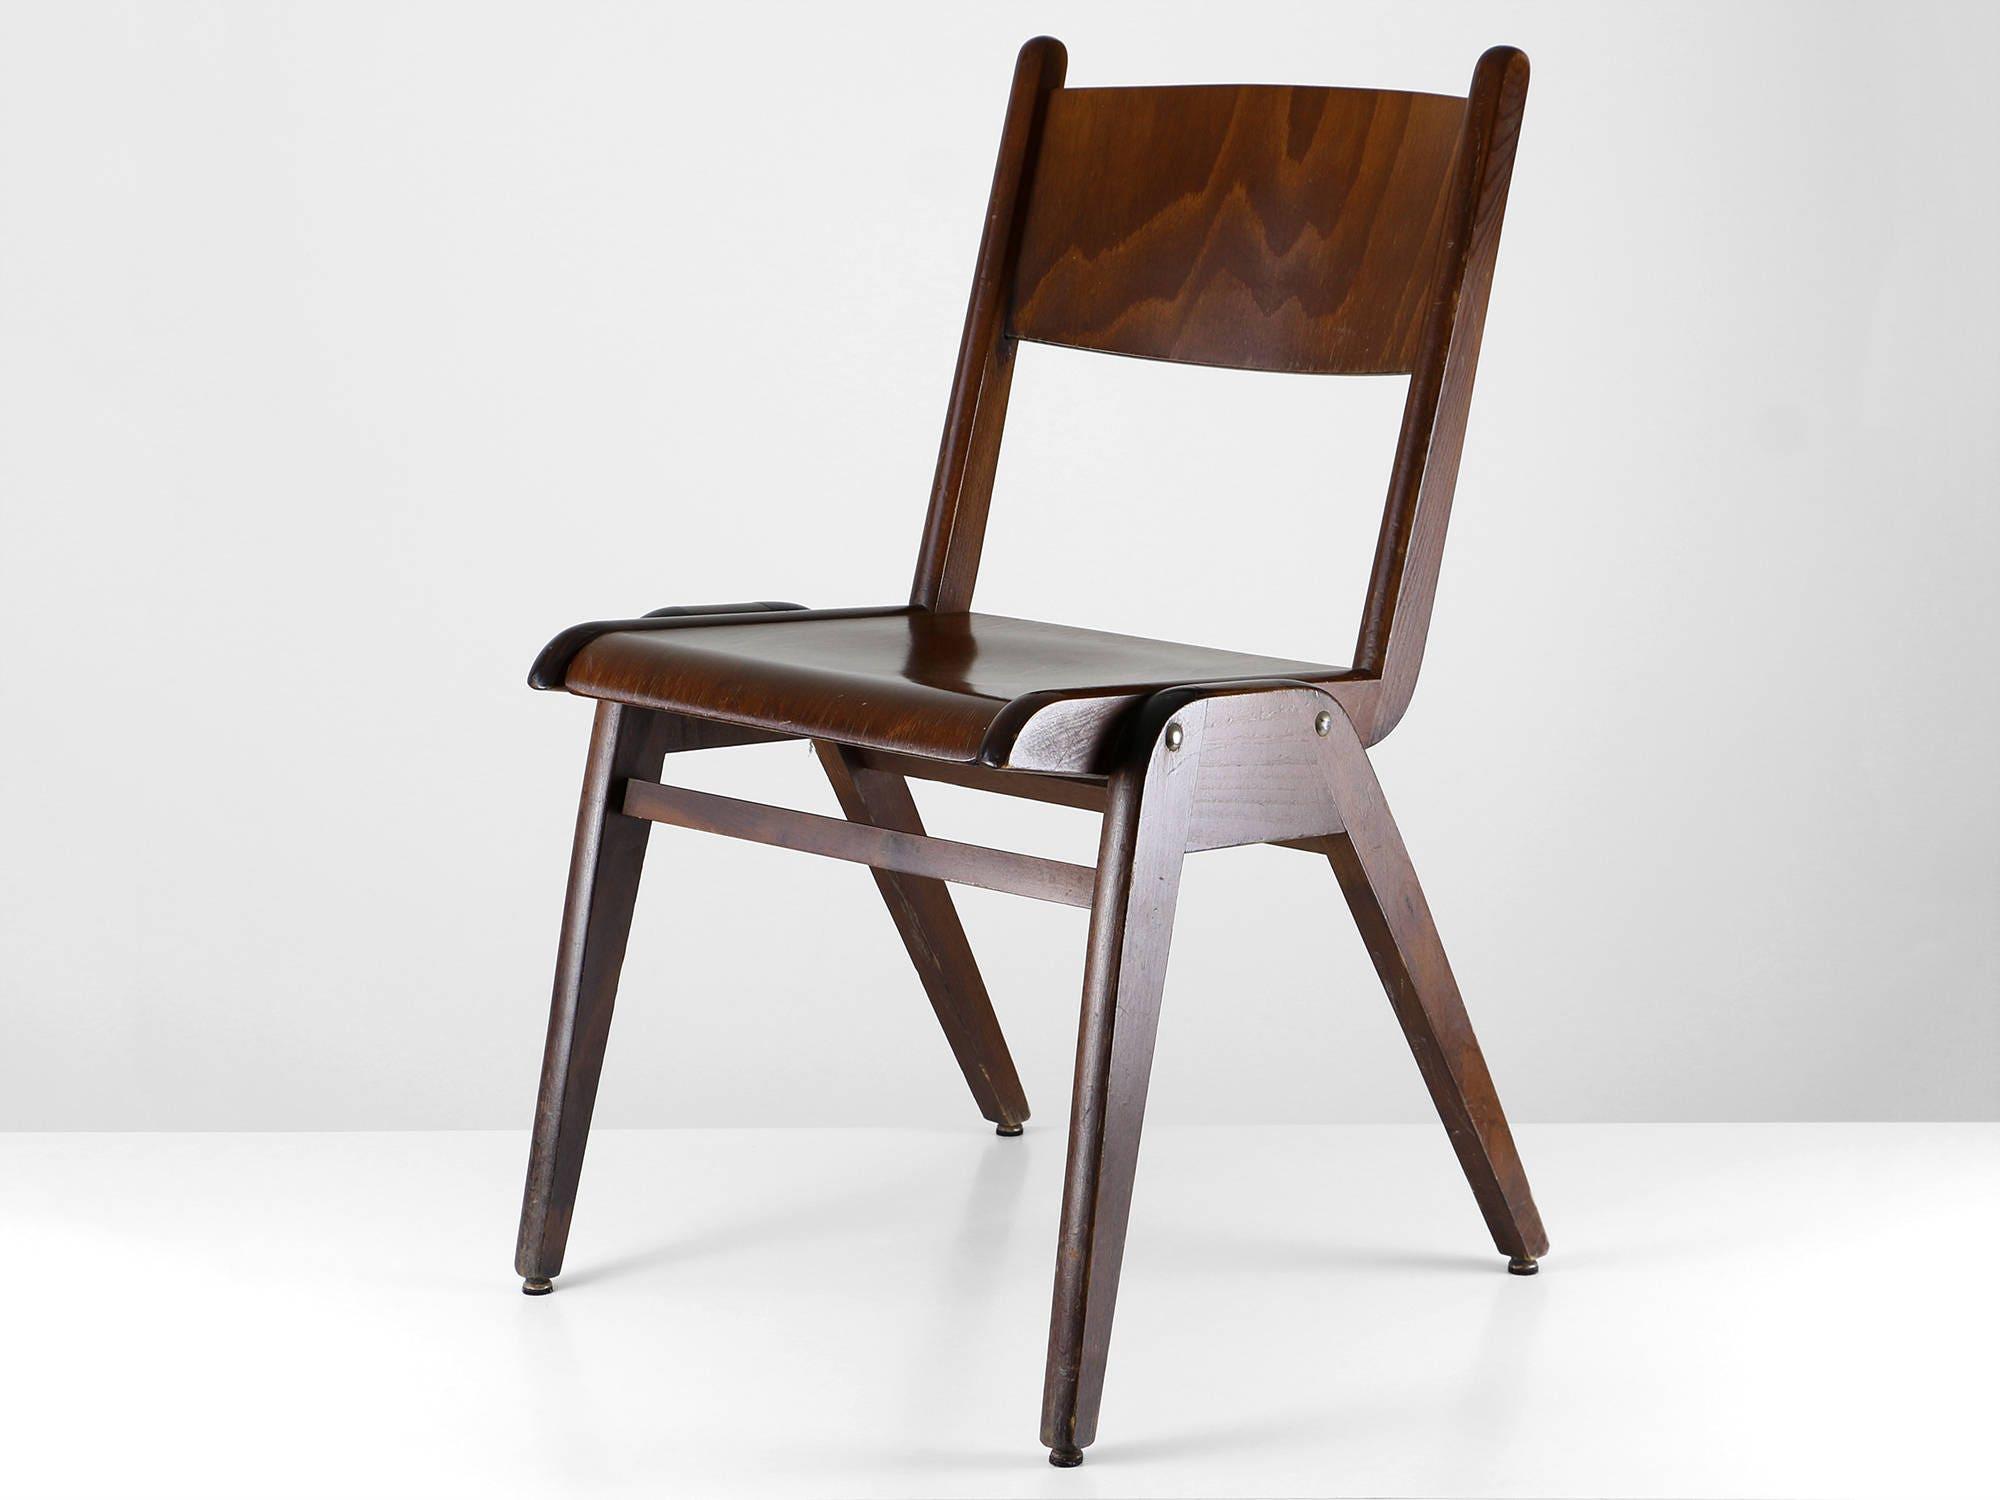 Vintage Casala Stuhl 50er Modern Dining Chair Holz Stuhl | Etsy